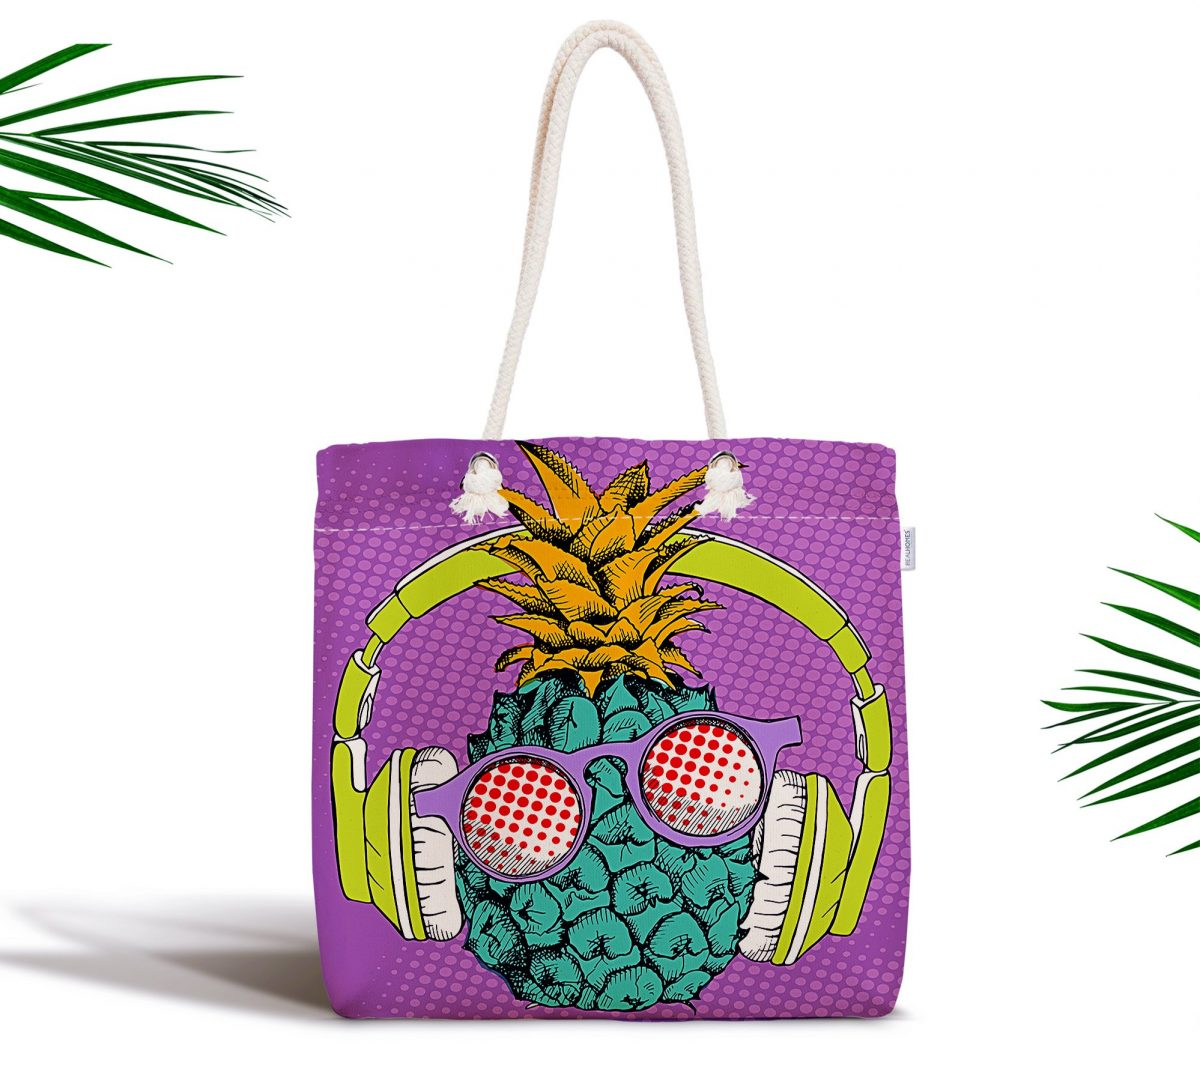 Mor Zeminde Tropikal Ananas Desenli Dijital Baskılı Fermuarlı Kumaş Çanta Realhomes